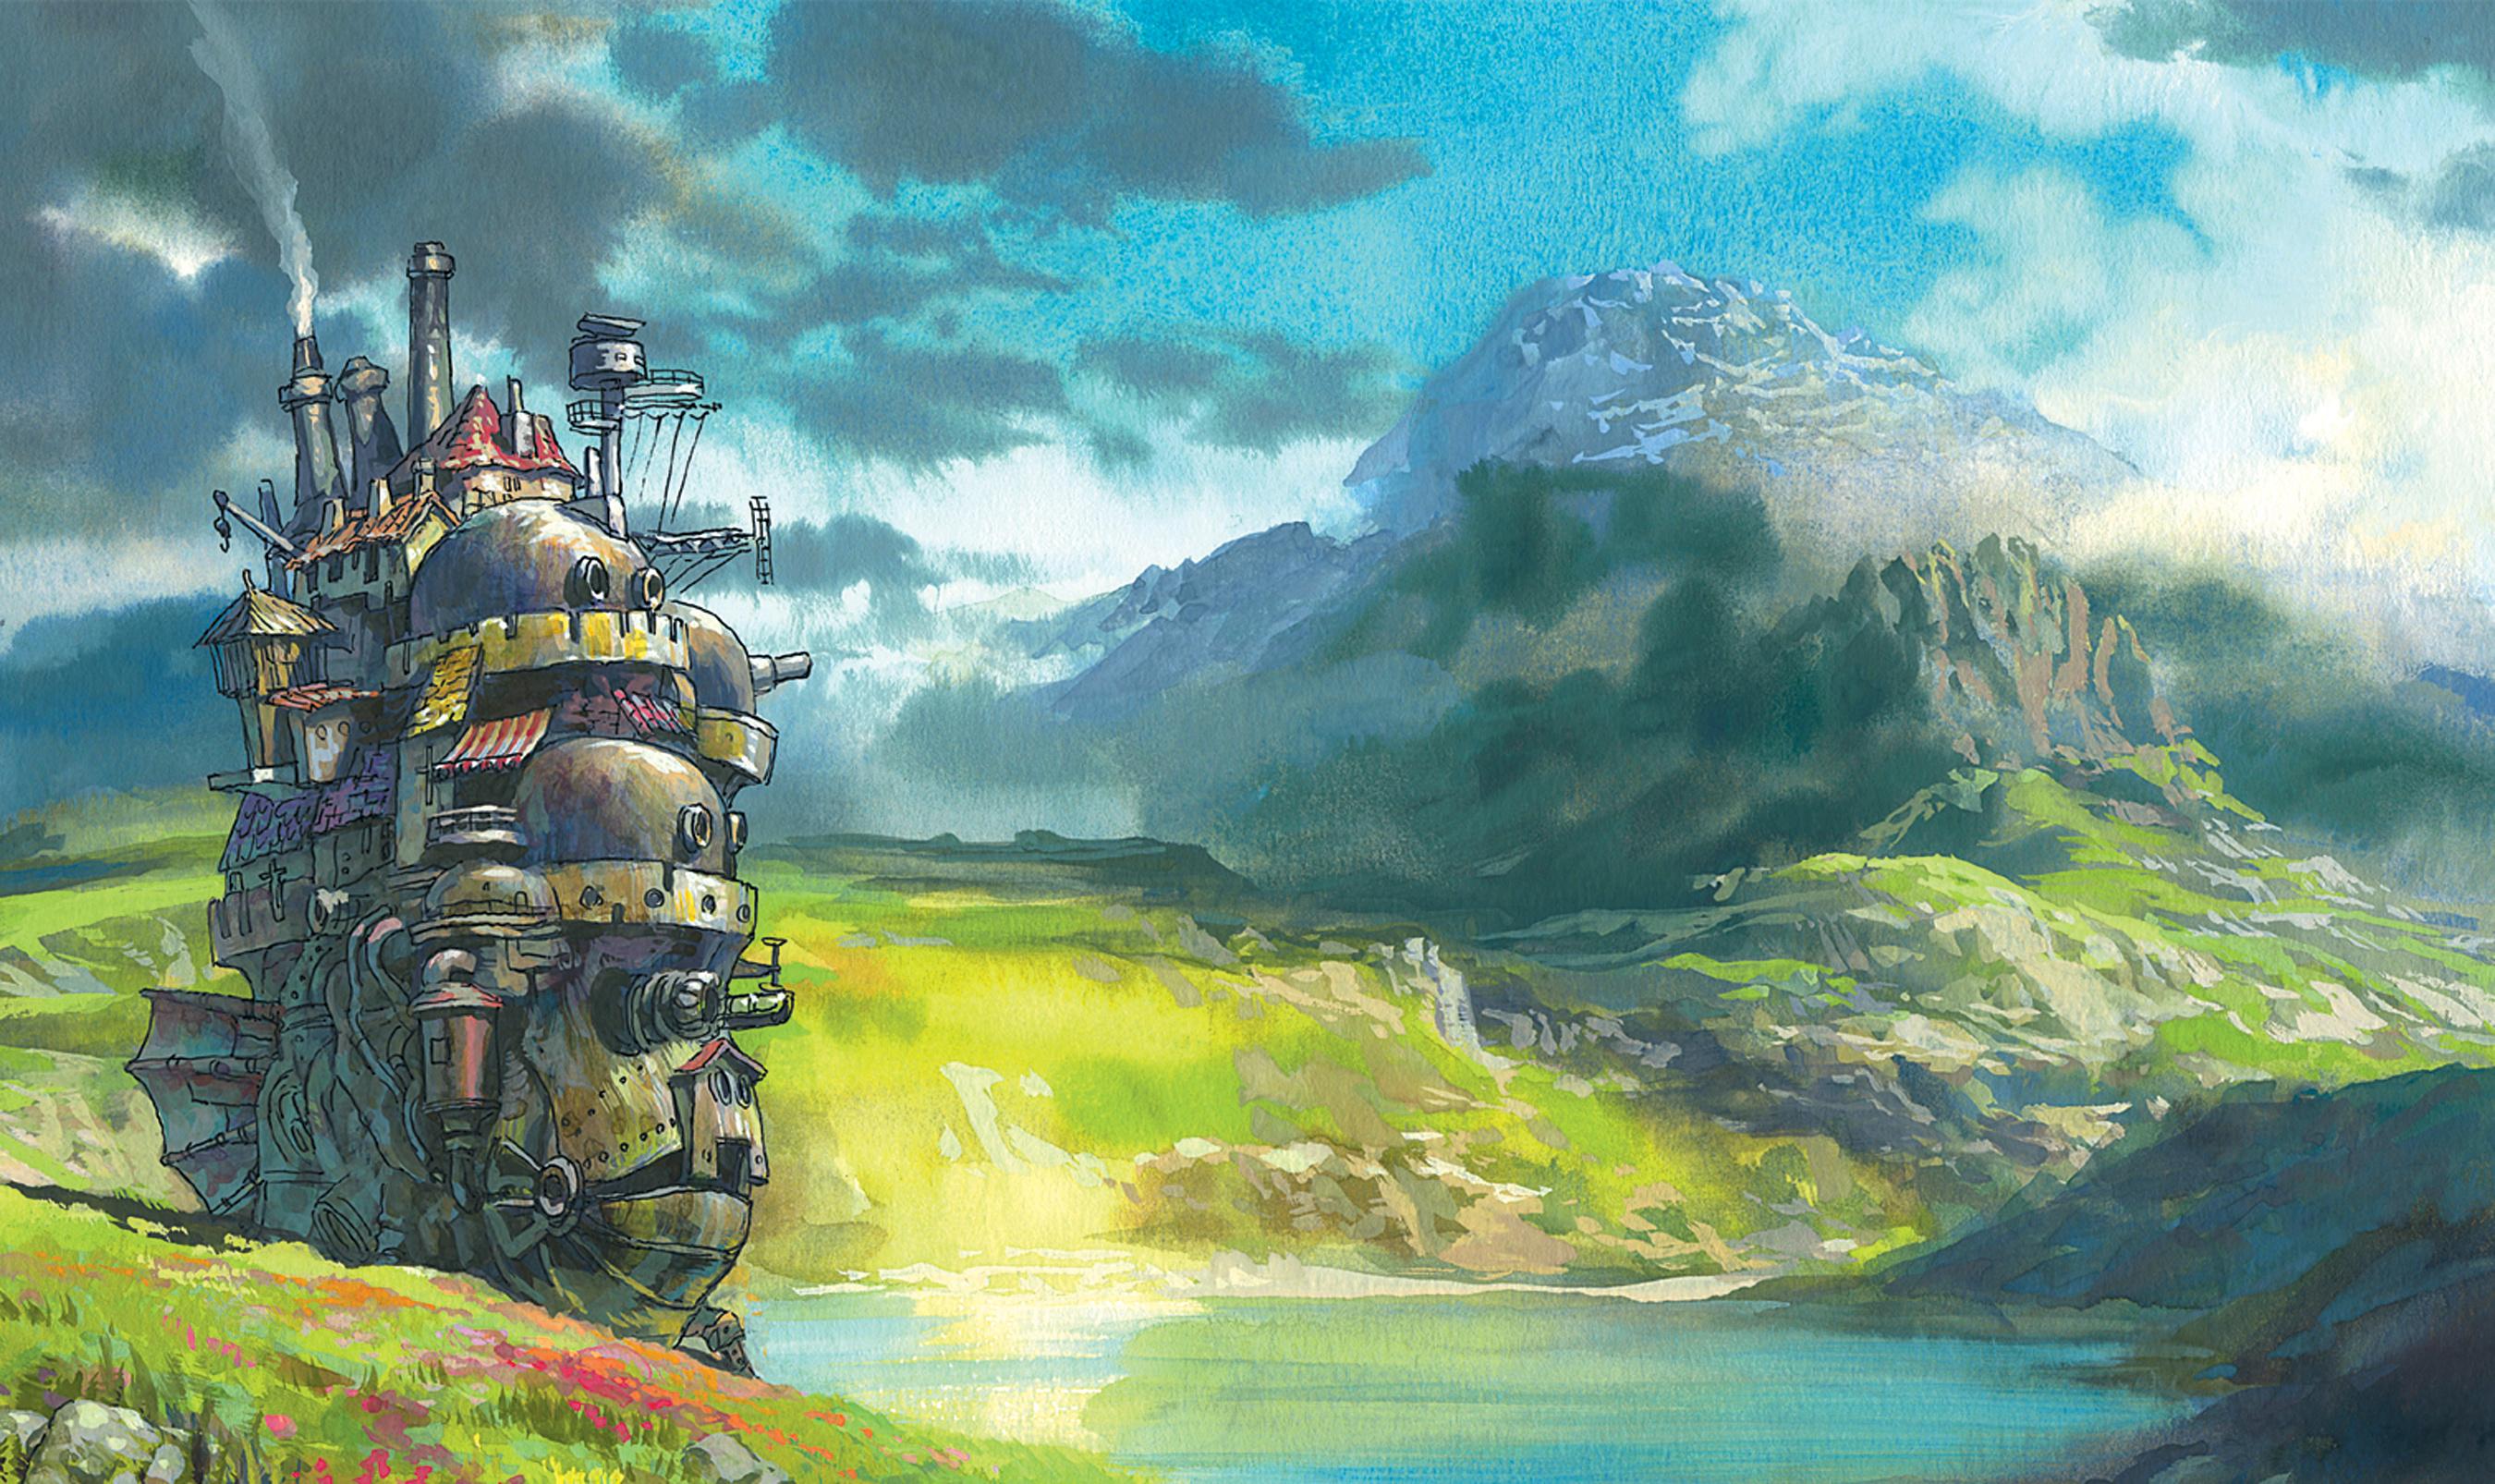 Studio ghibli anime no sekai - Moving wallpaper hd ...